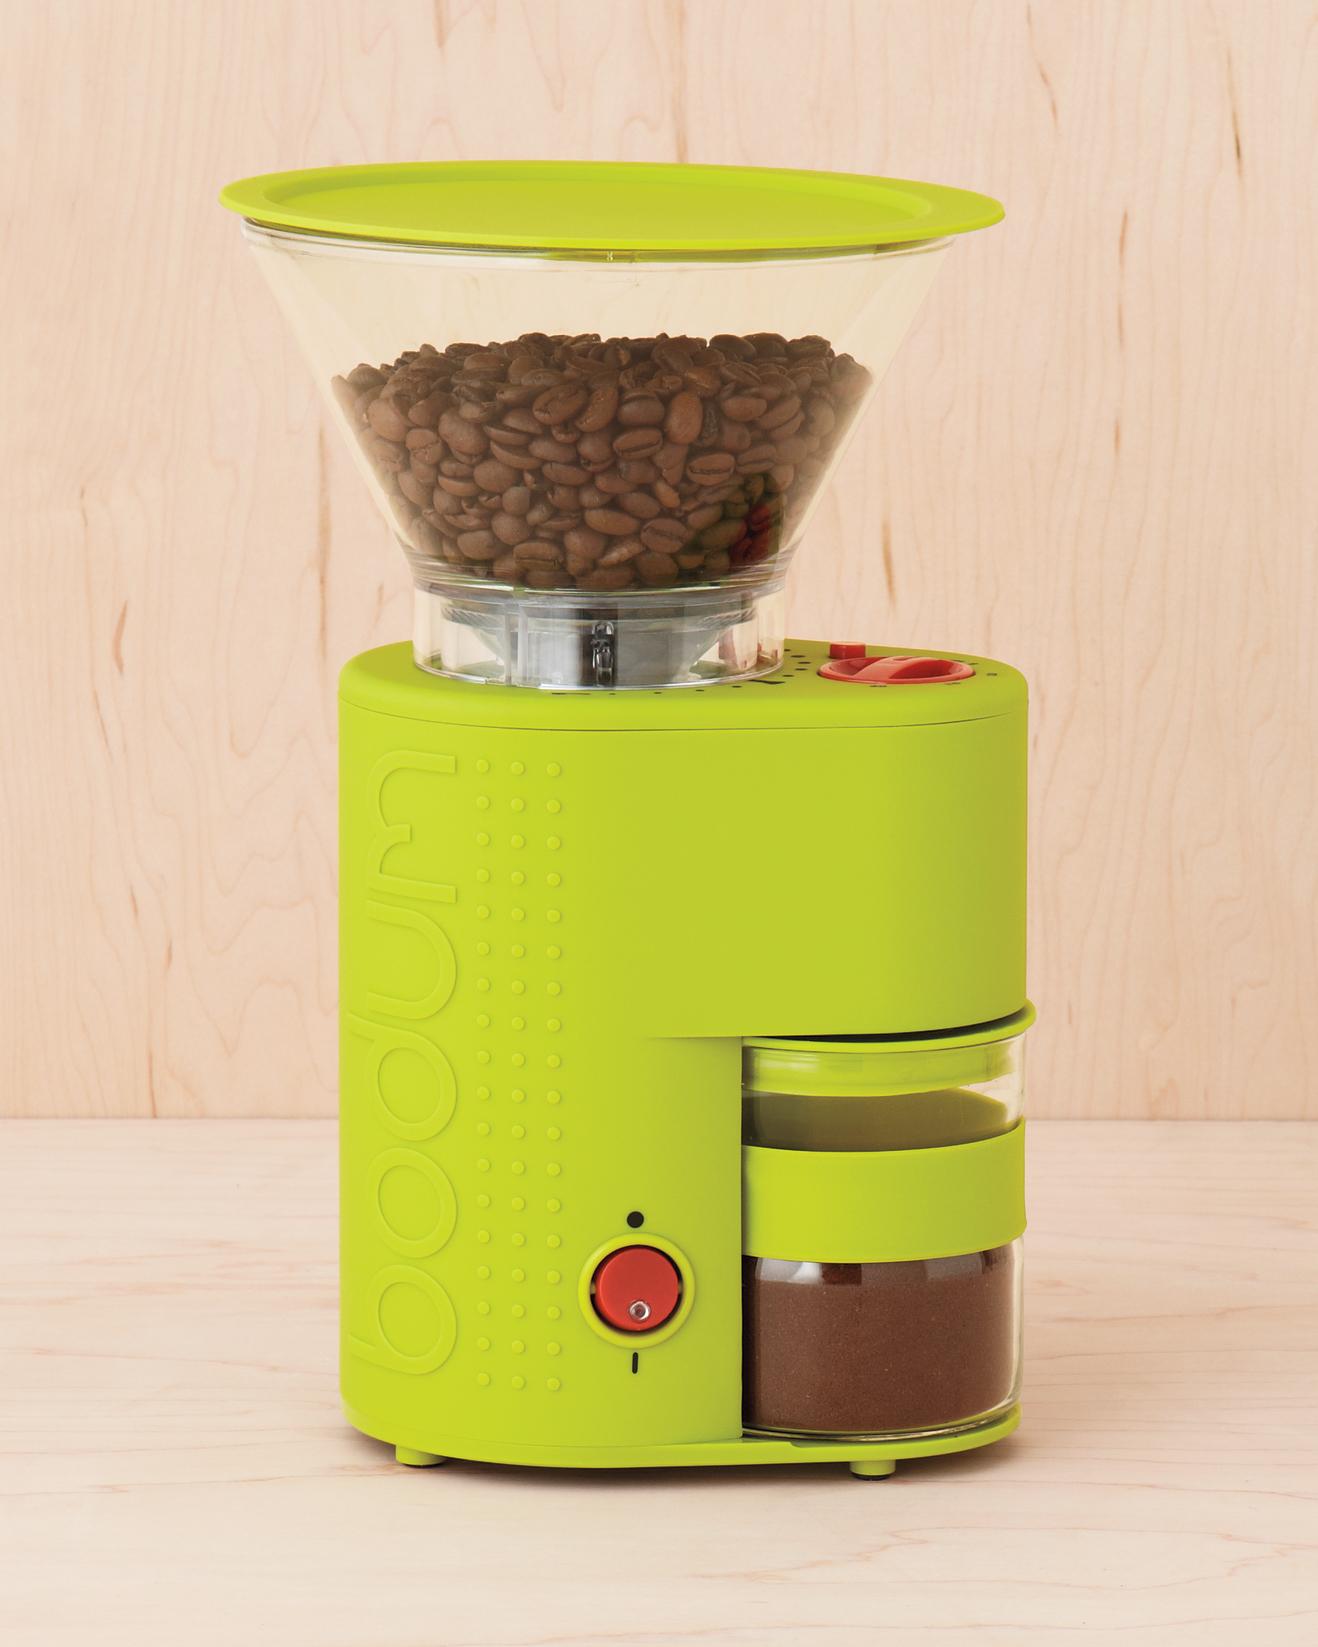 coffee-grinder-005-mwd109796.jpg